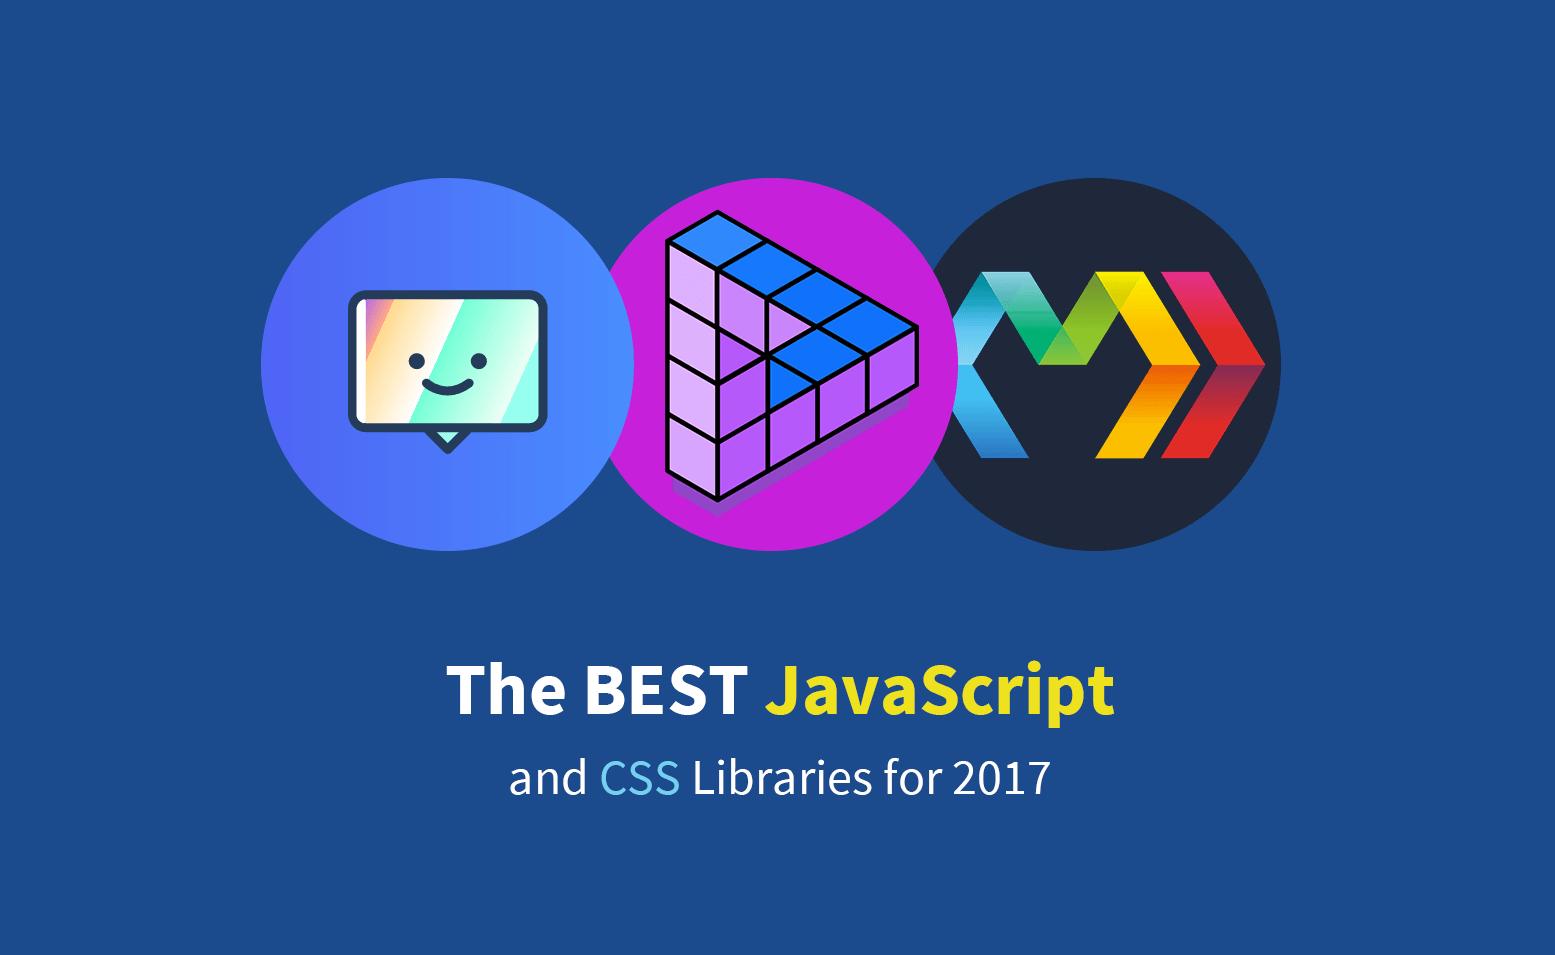 بهترین کتابخانههای Javascript و CSS در سال 2017